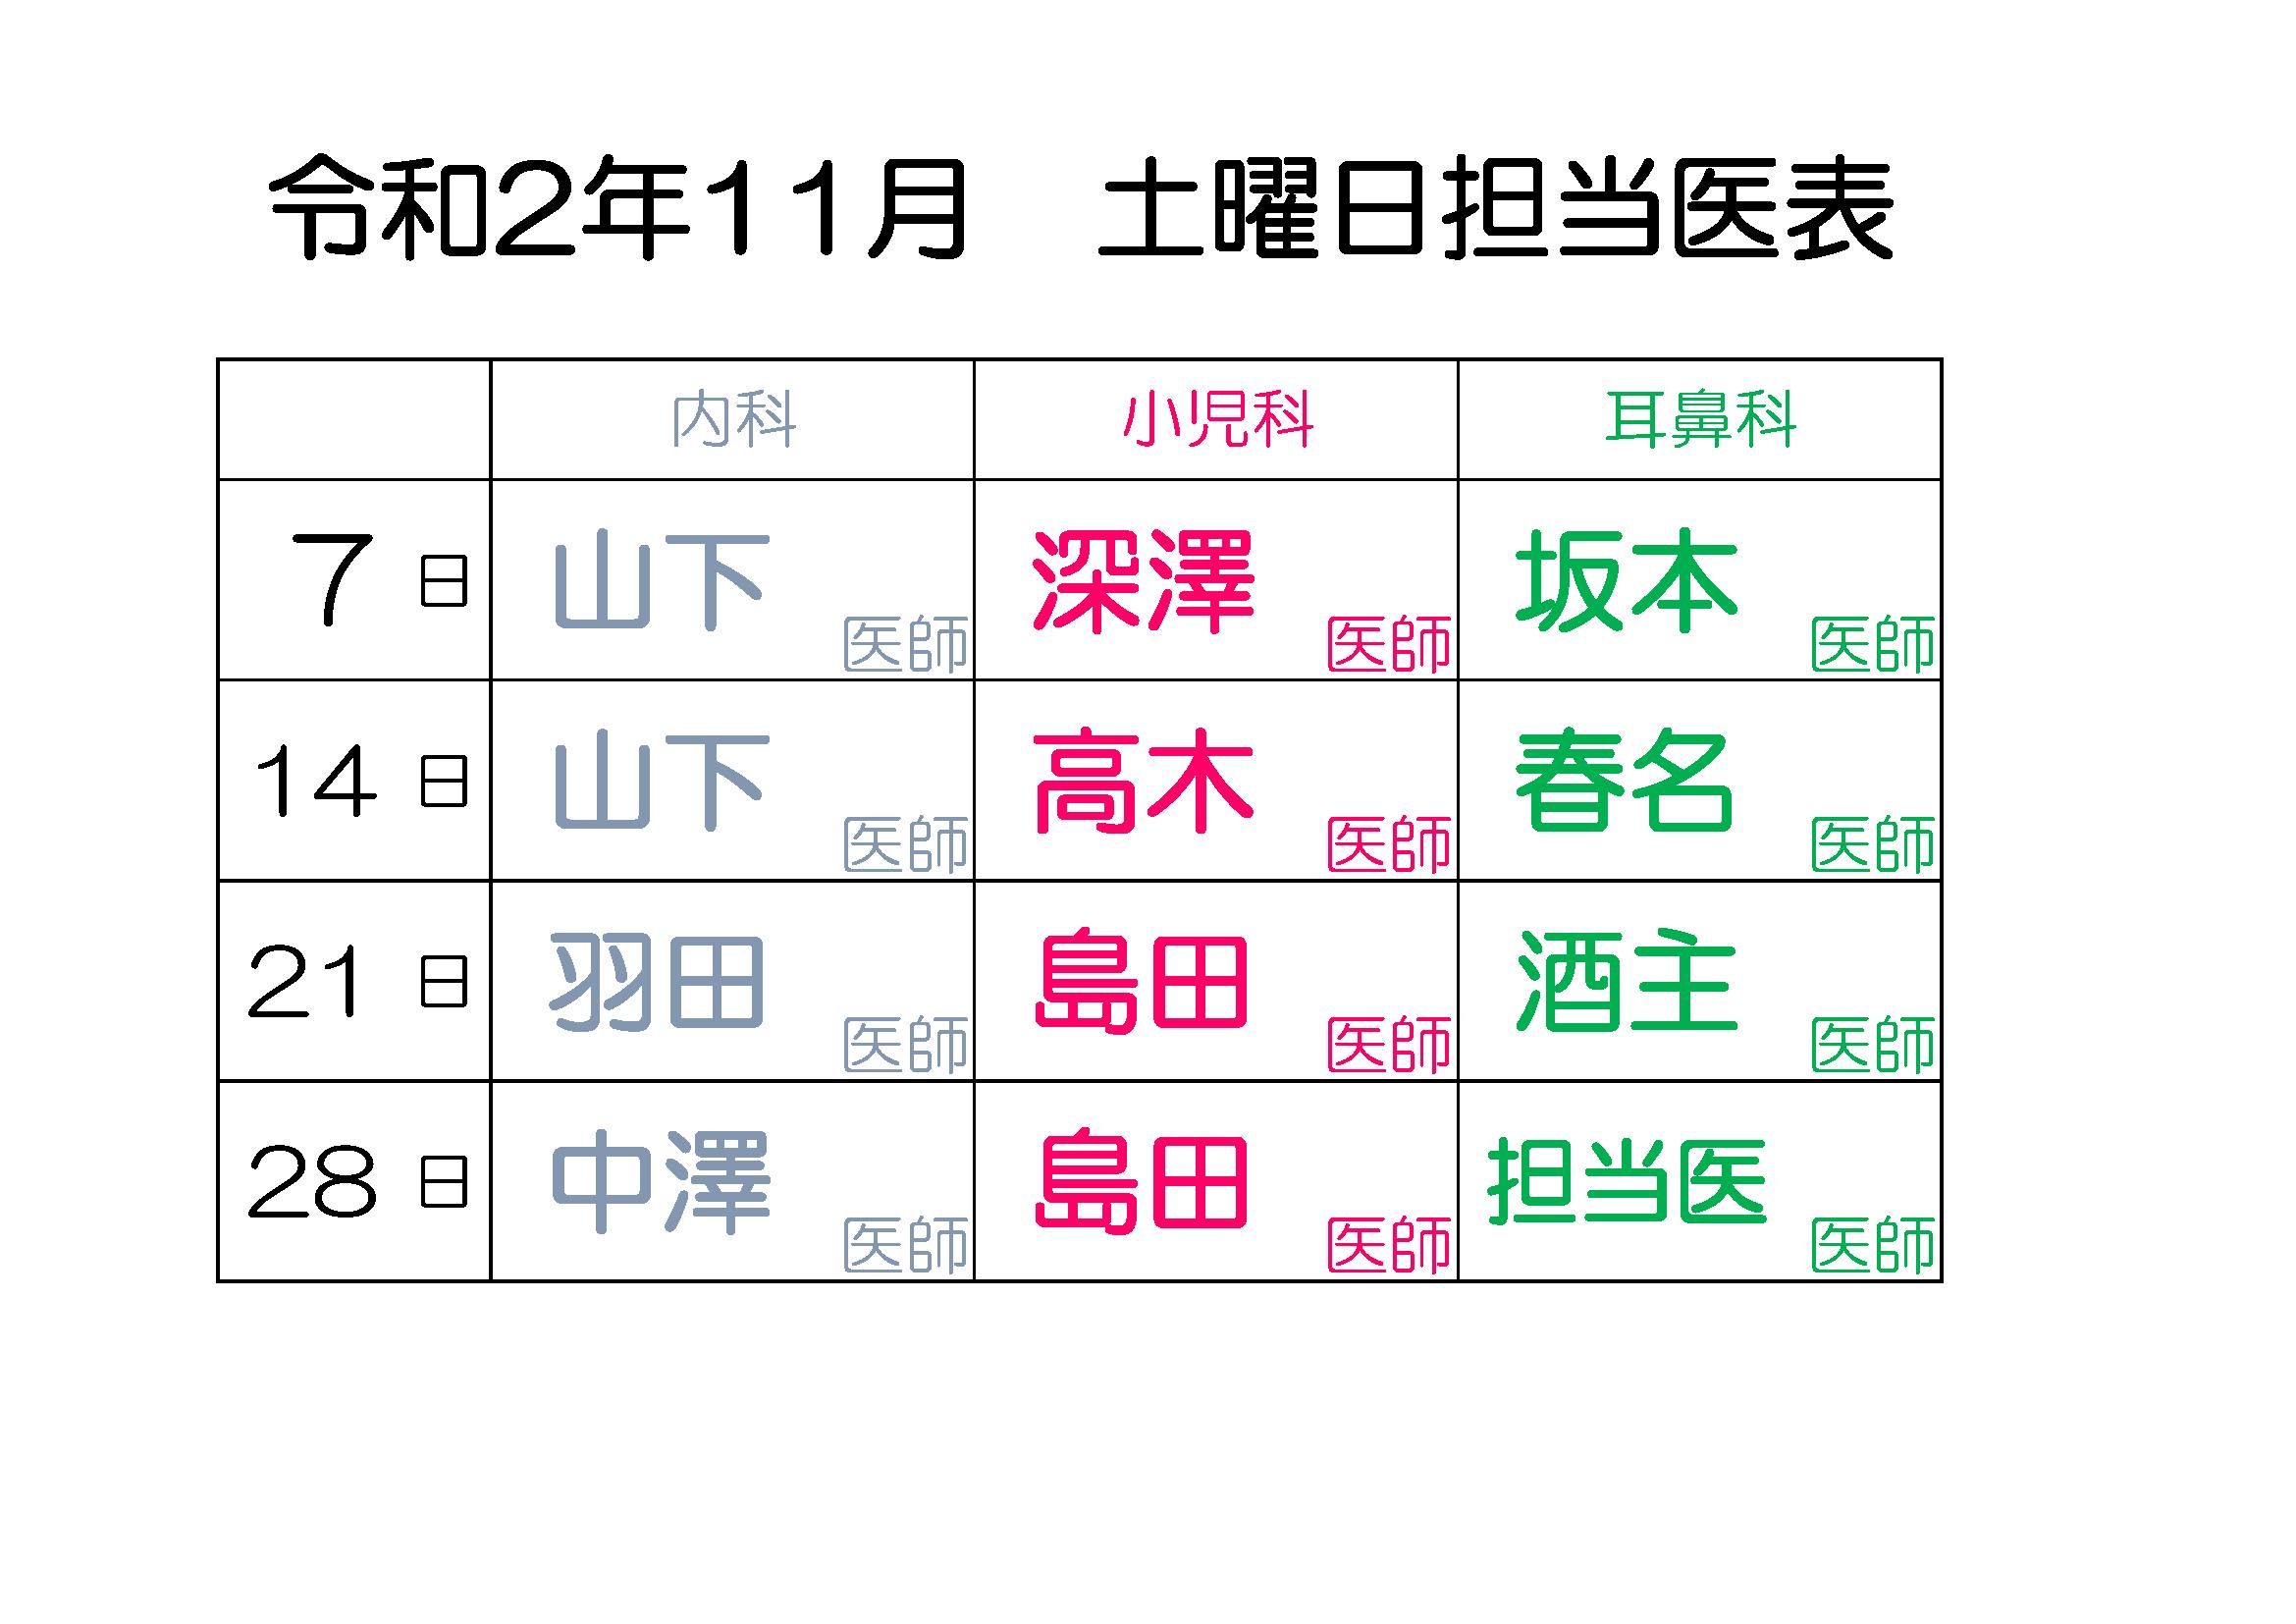 梅田診療所 土曜日担当医表